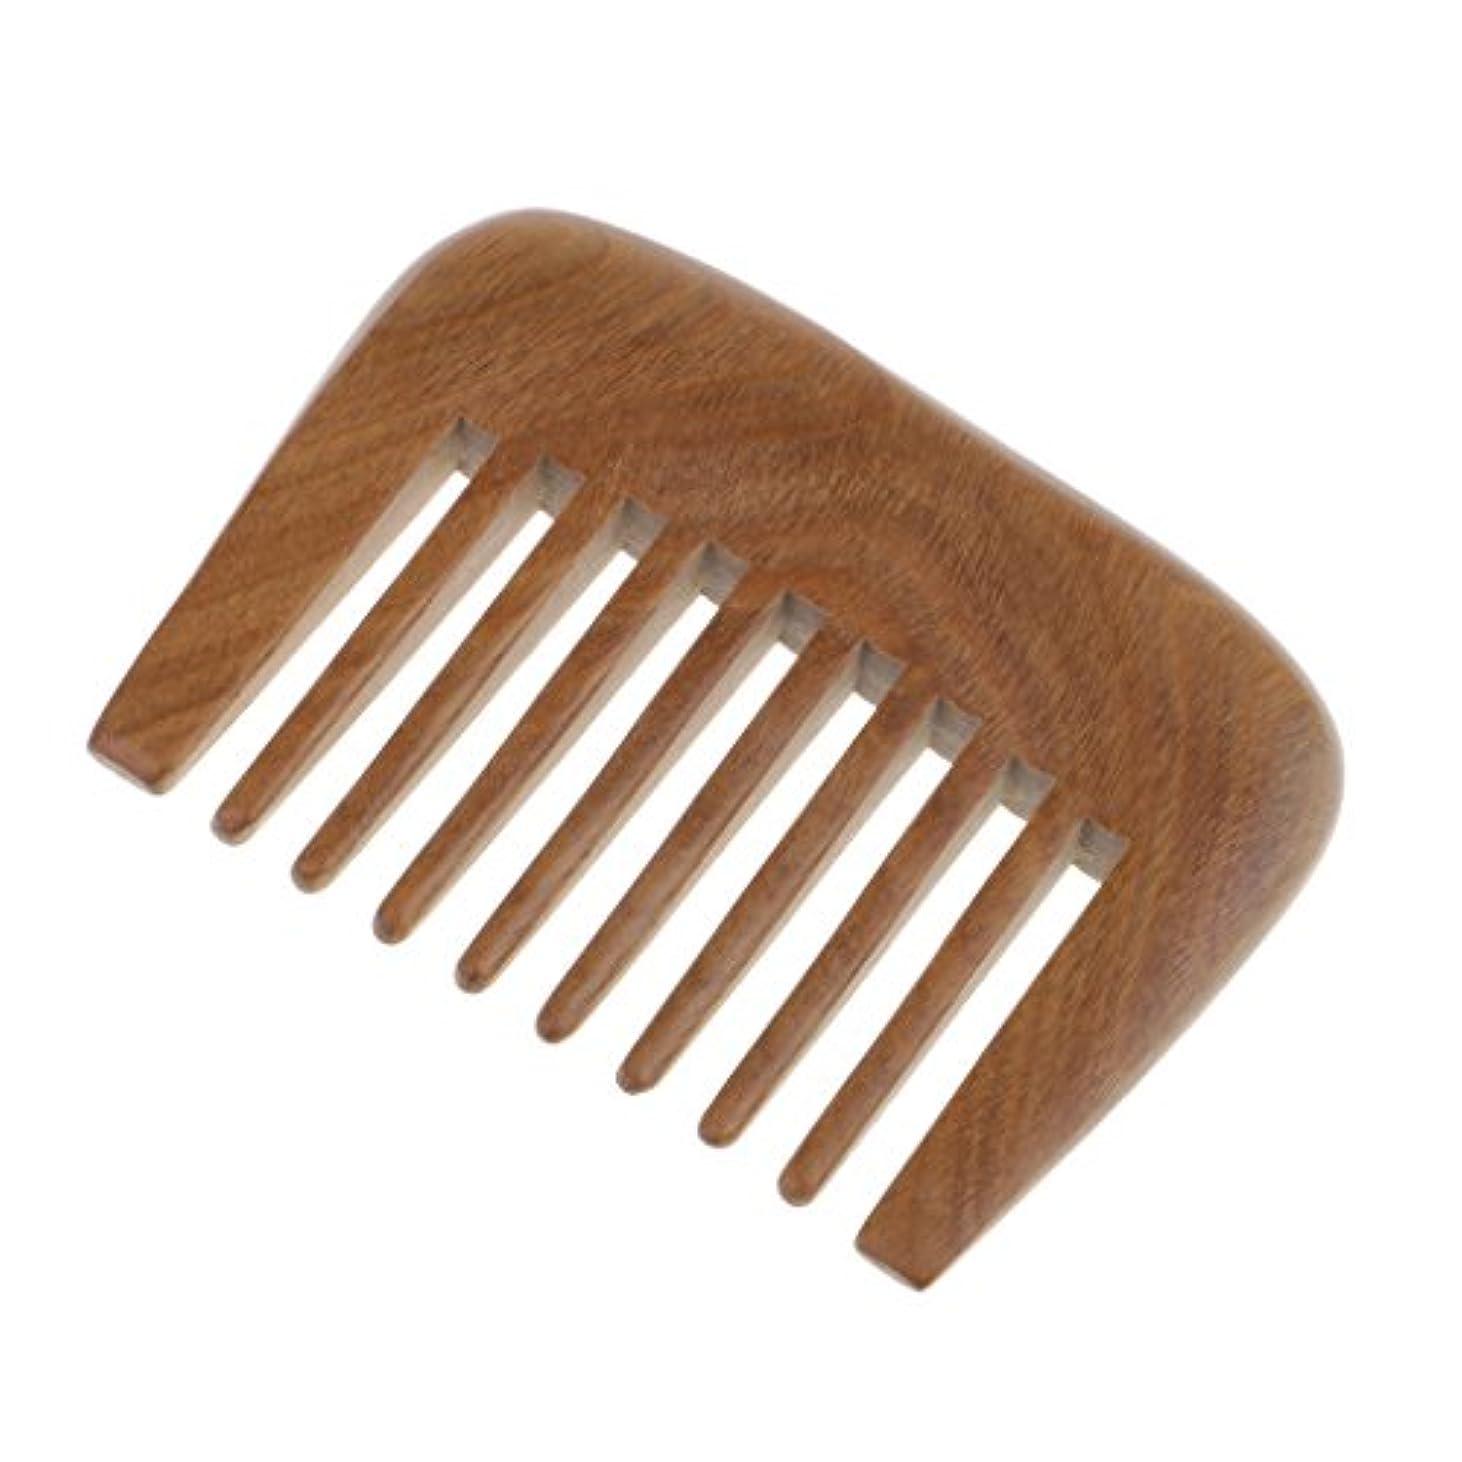 ラインナップ利用可能正確にToygogo 木製のくしの毛の広い歯のポケットの毛のくしの毛のもつれを取り除くくしの毛のマッサージャーのブラシの緑の白檀